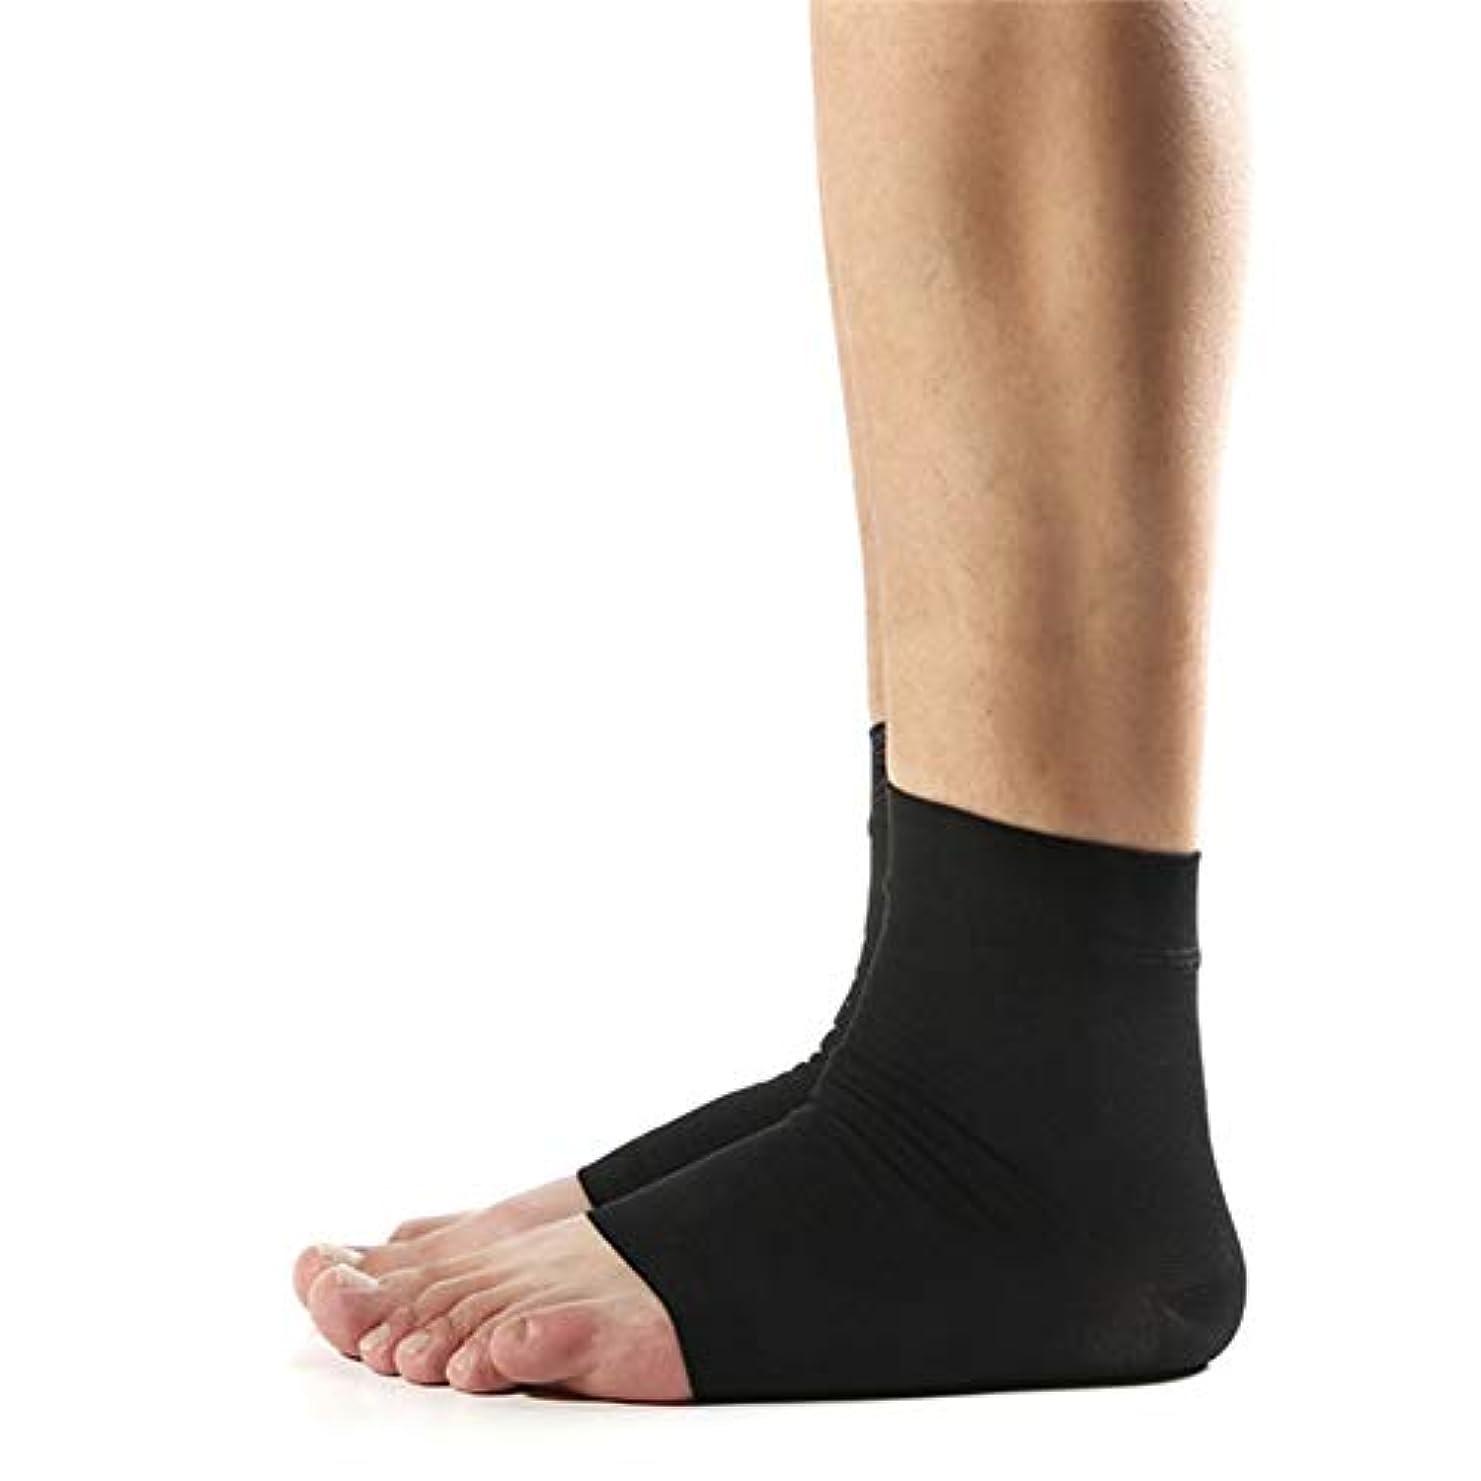 解放する余分な骨かかと保護弾性靴下(1ペア)、ハイヒールを破裂させるためのかかと保護装置、足底筋膜炎の緩和、かかとの拍車,黒,M